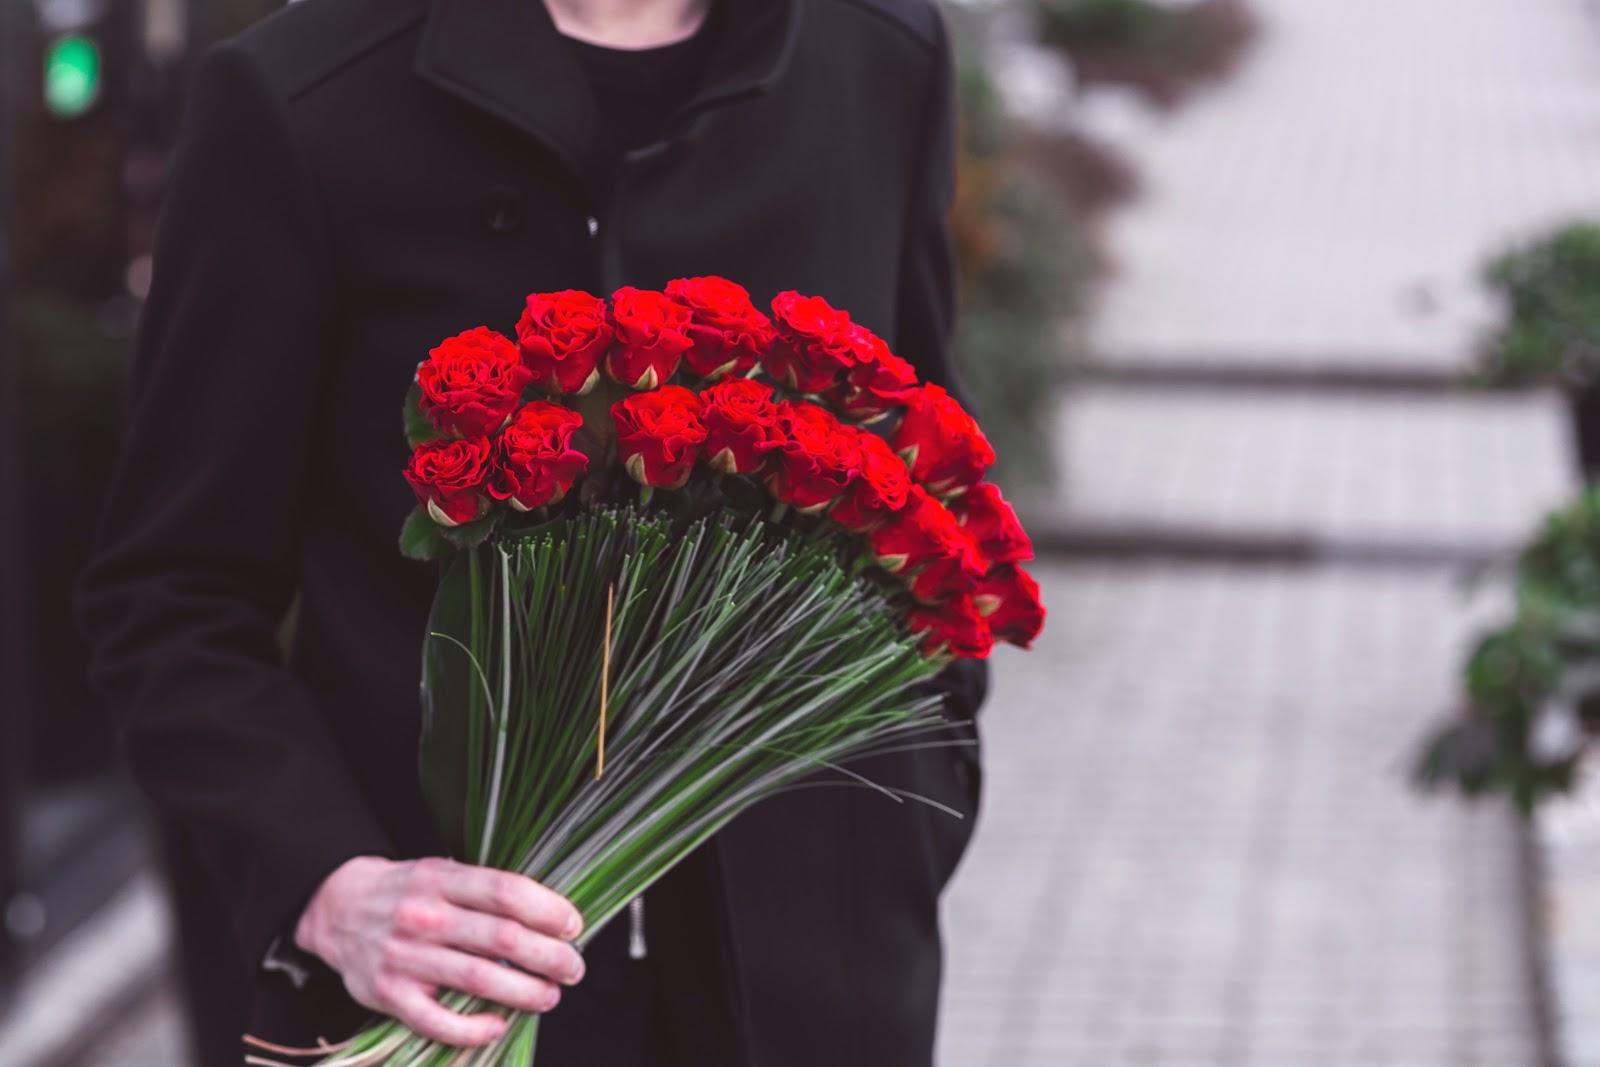 текущий спрос, букет цветов в мужских руках фото имею малейшего